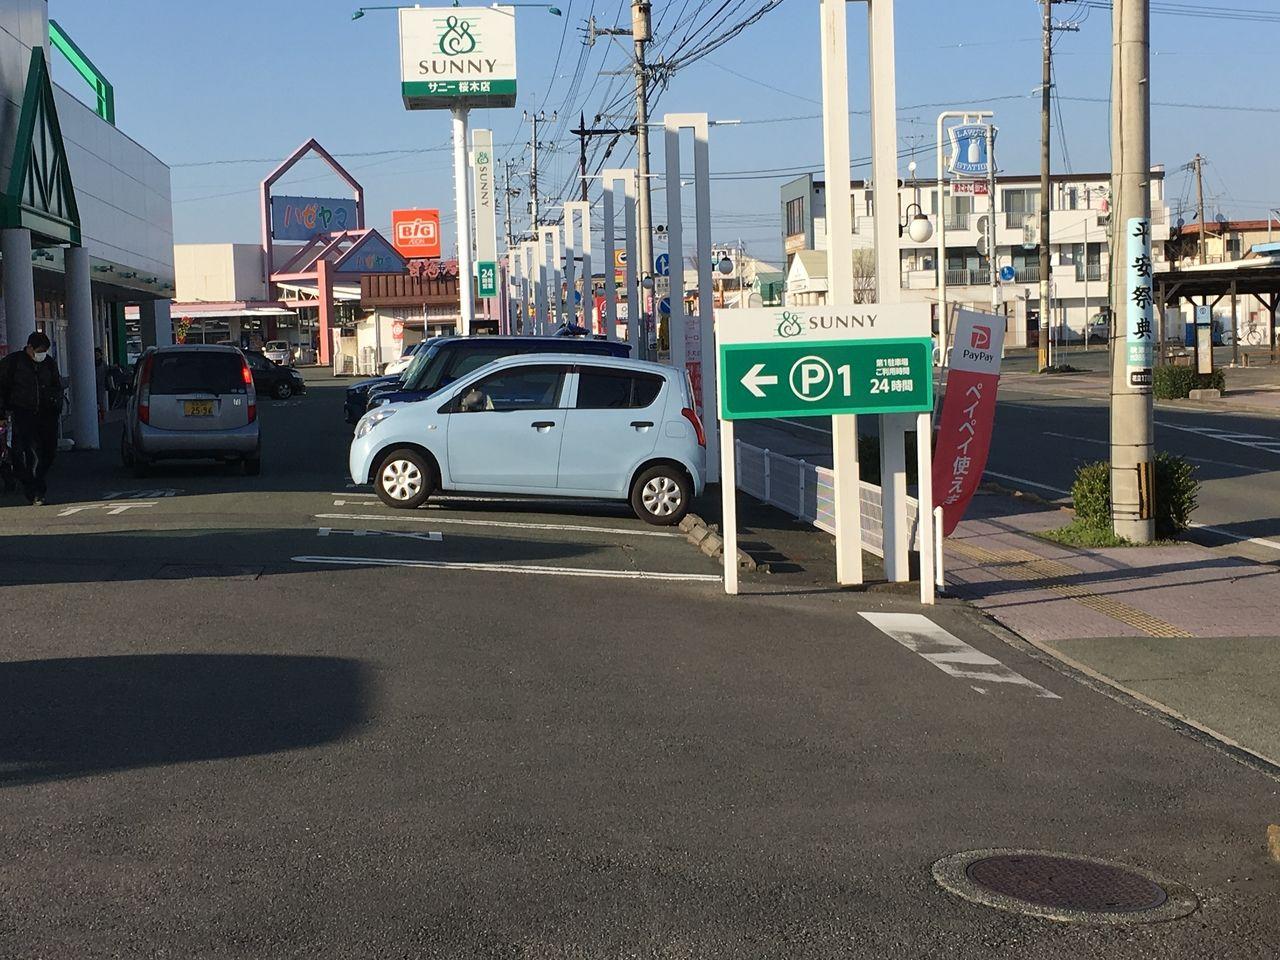 サニー桜木店店舗東側の駐車場出入口